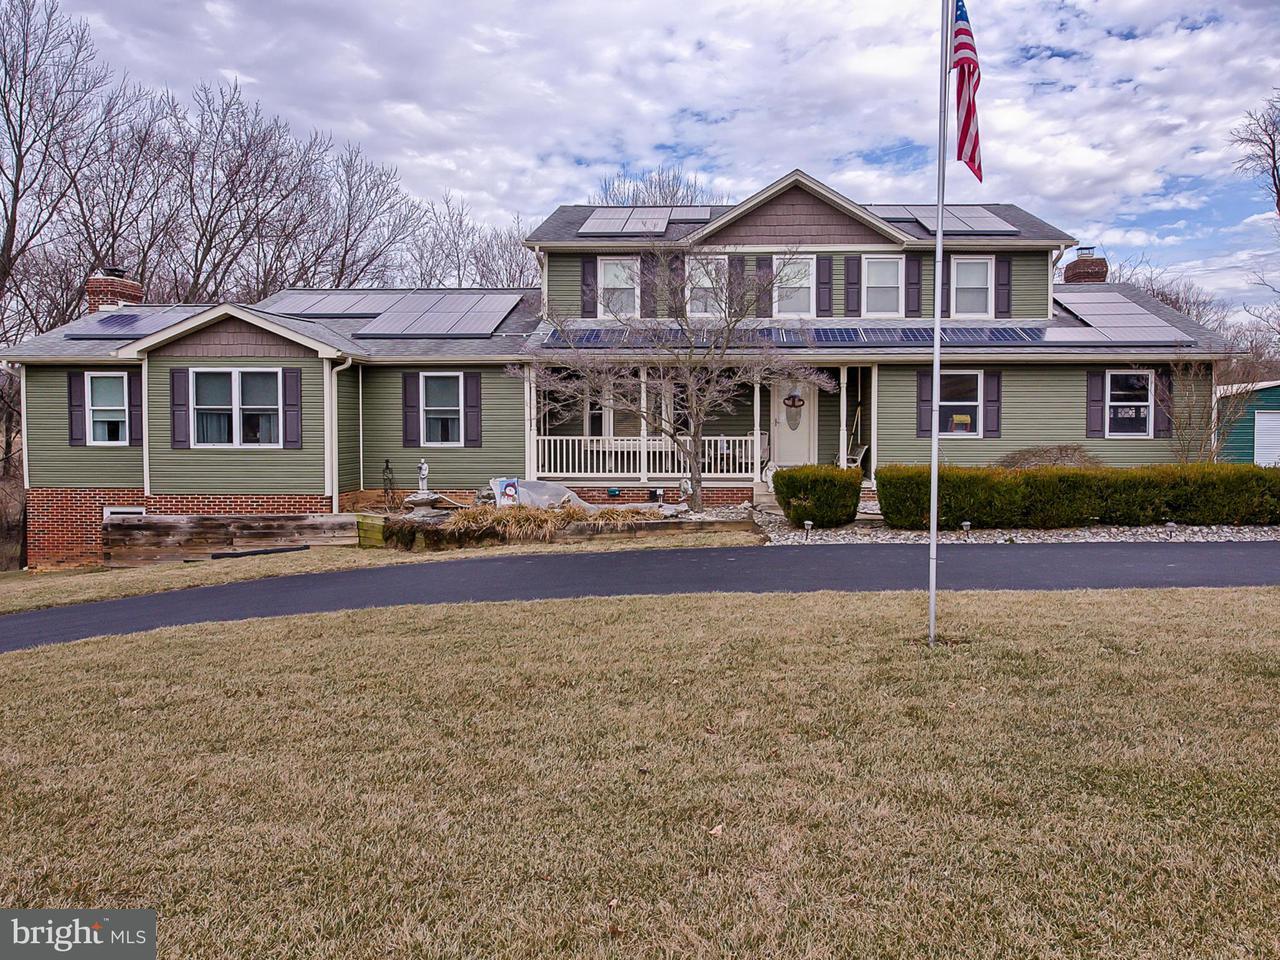 단독 가정 주택 용 매매 에 4125 Spring View Drive 4125 Spring View Drive Jefferson, 메릴랜드 21755 미국